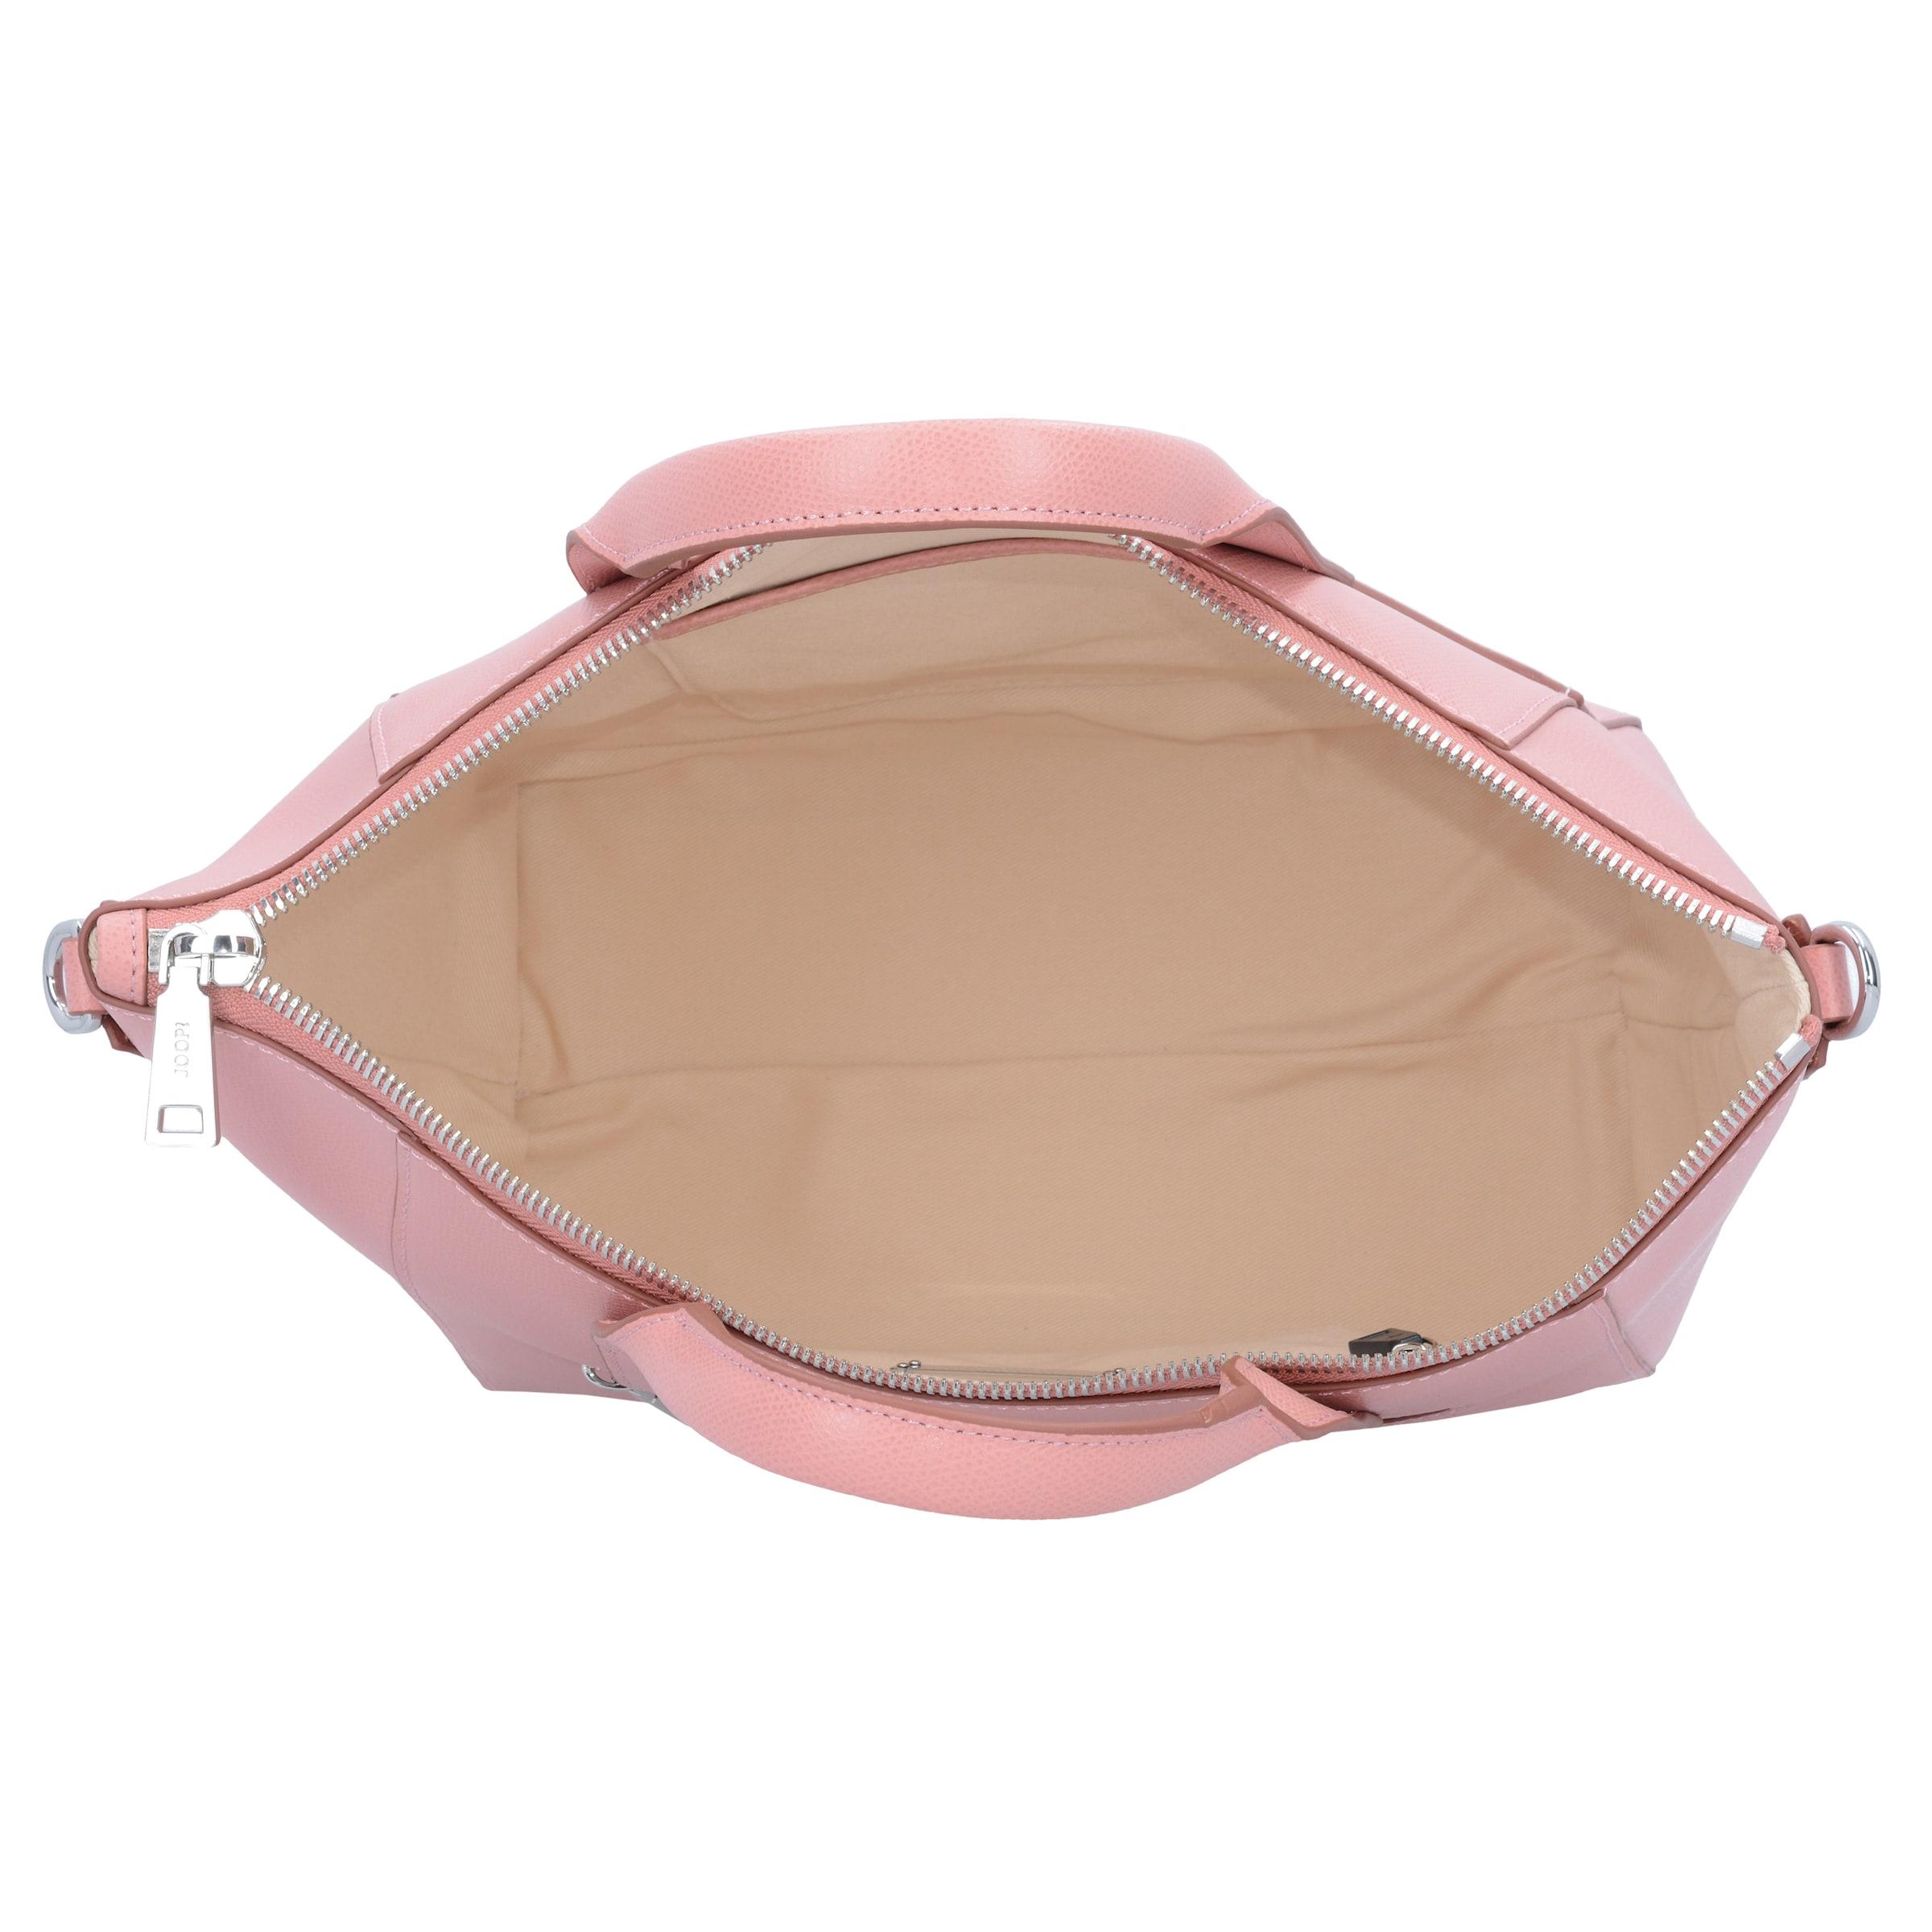 In Handtasche JoopHelena Cm 25 Pink UqMpSzVG